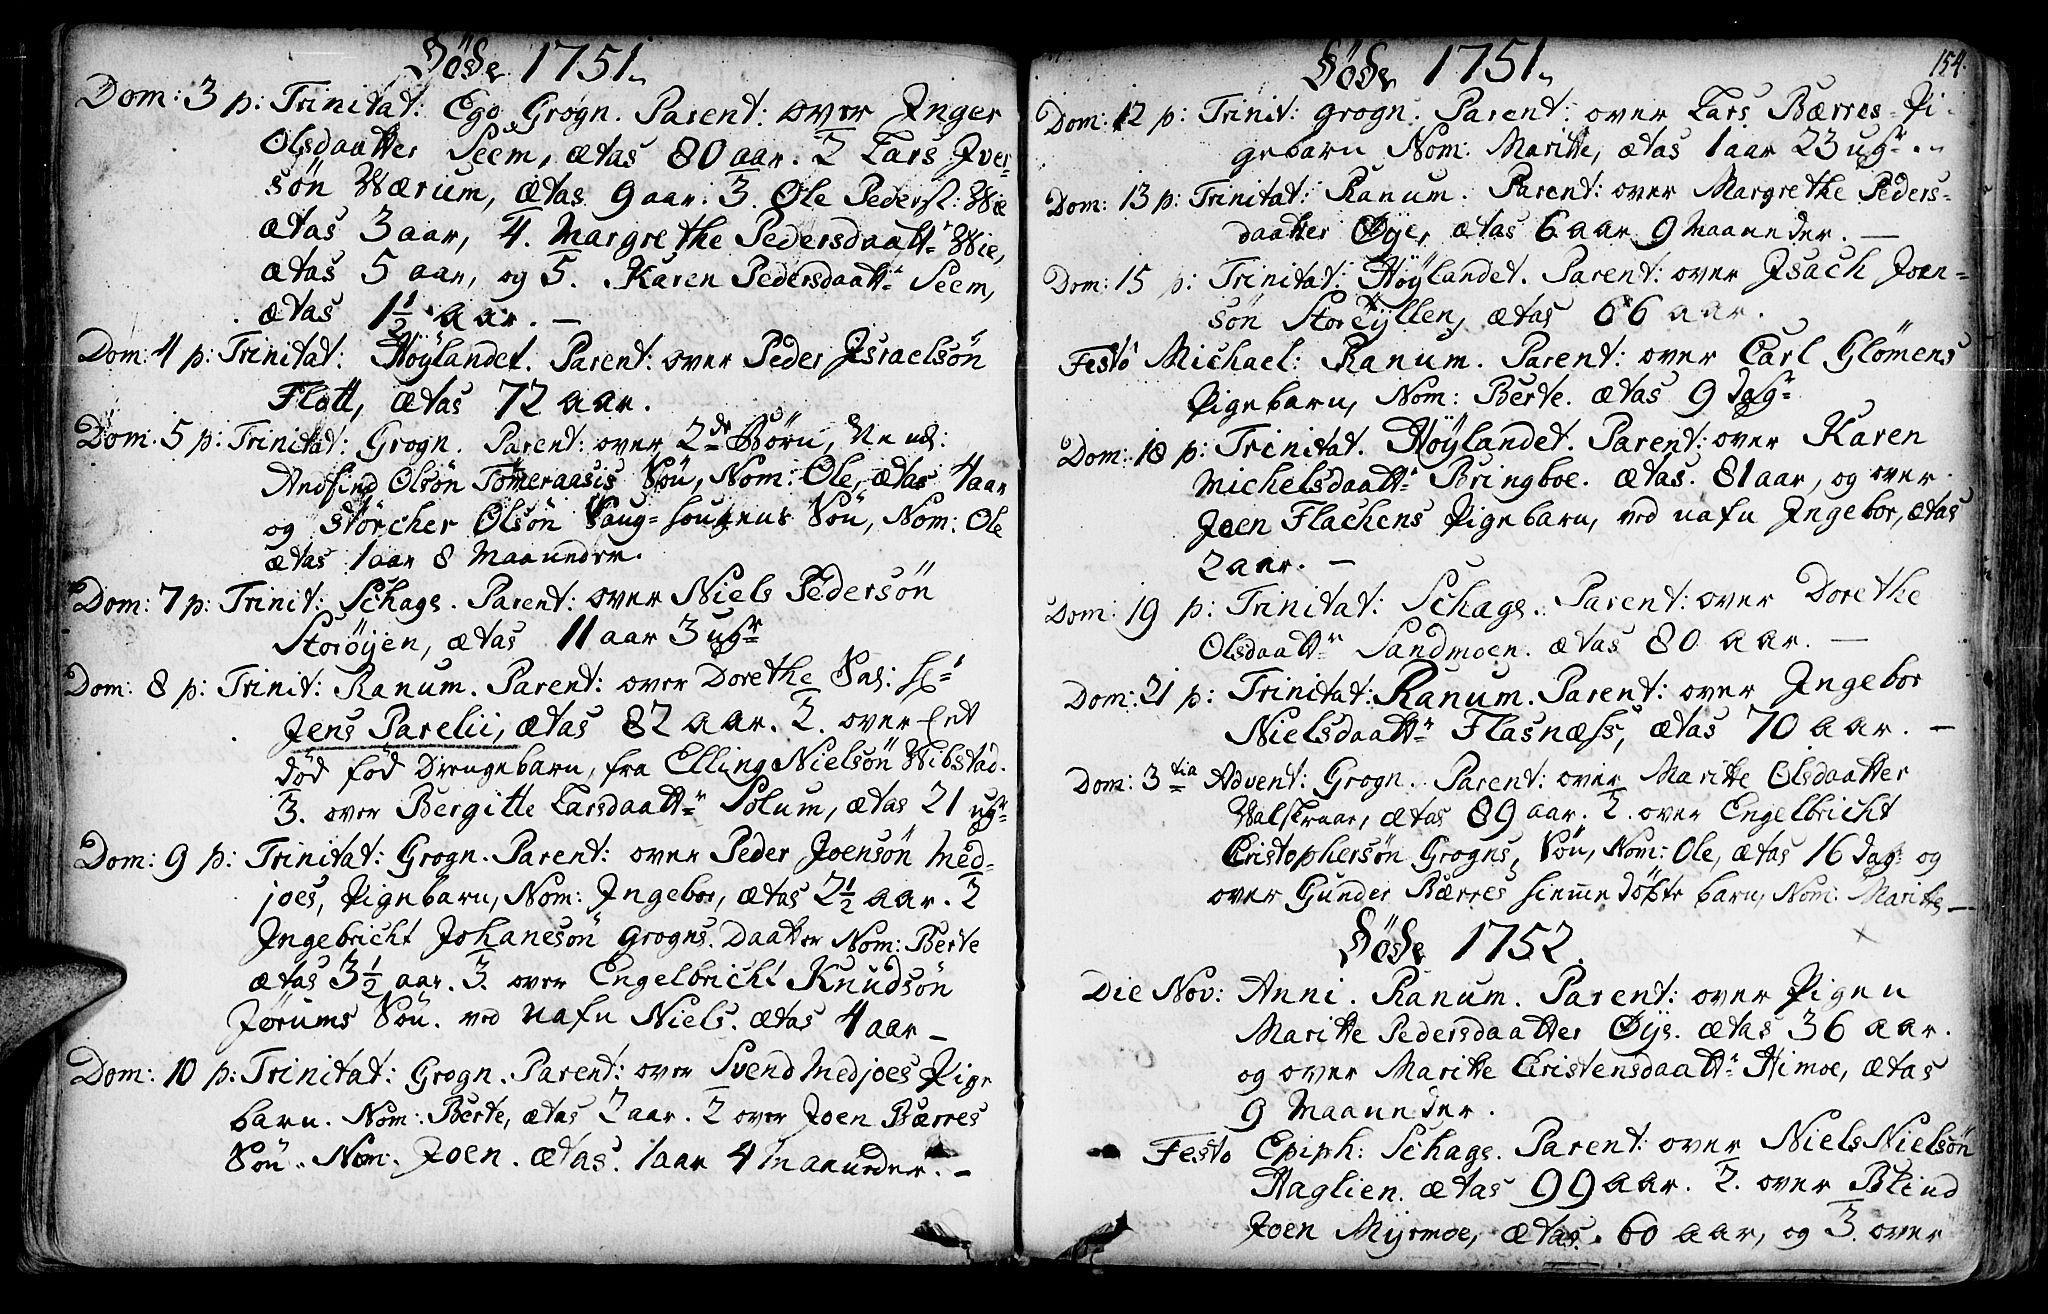 SAT, Ministerialprotokoller, klokkerbøker og fødselsregistre - Nord-Trøndelag, 764/L0542: Ministerialbok nr. 764A02, 1748-1779, s. 154